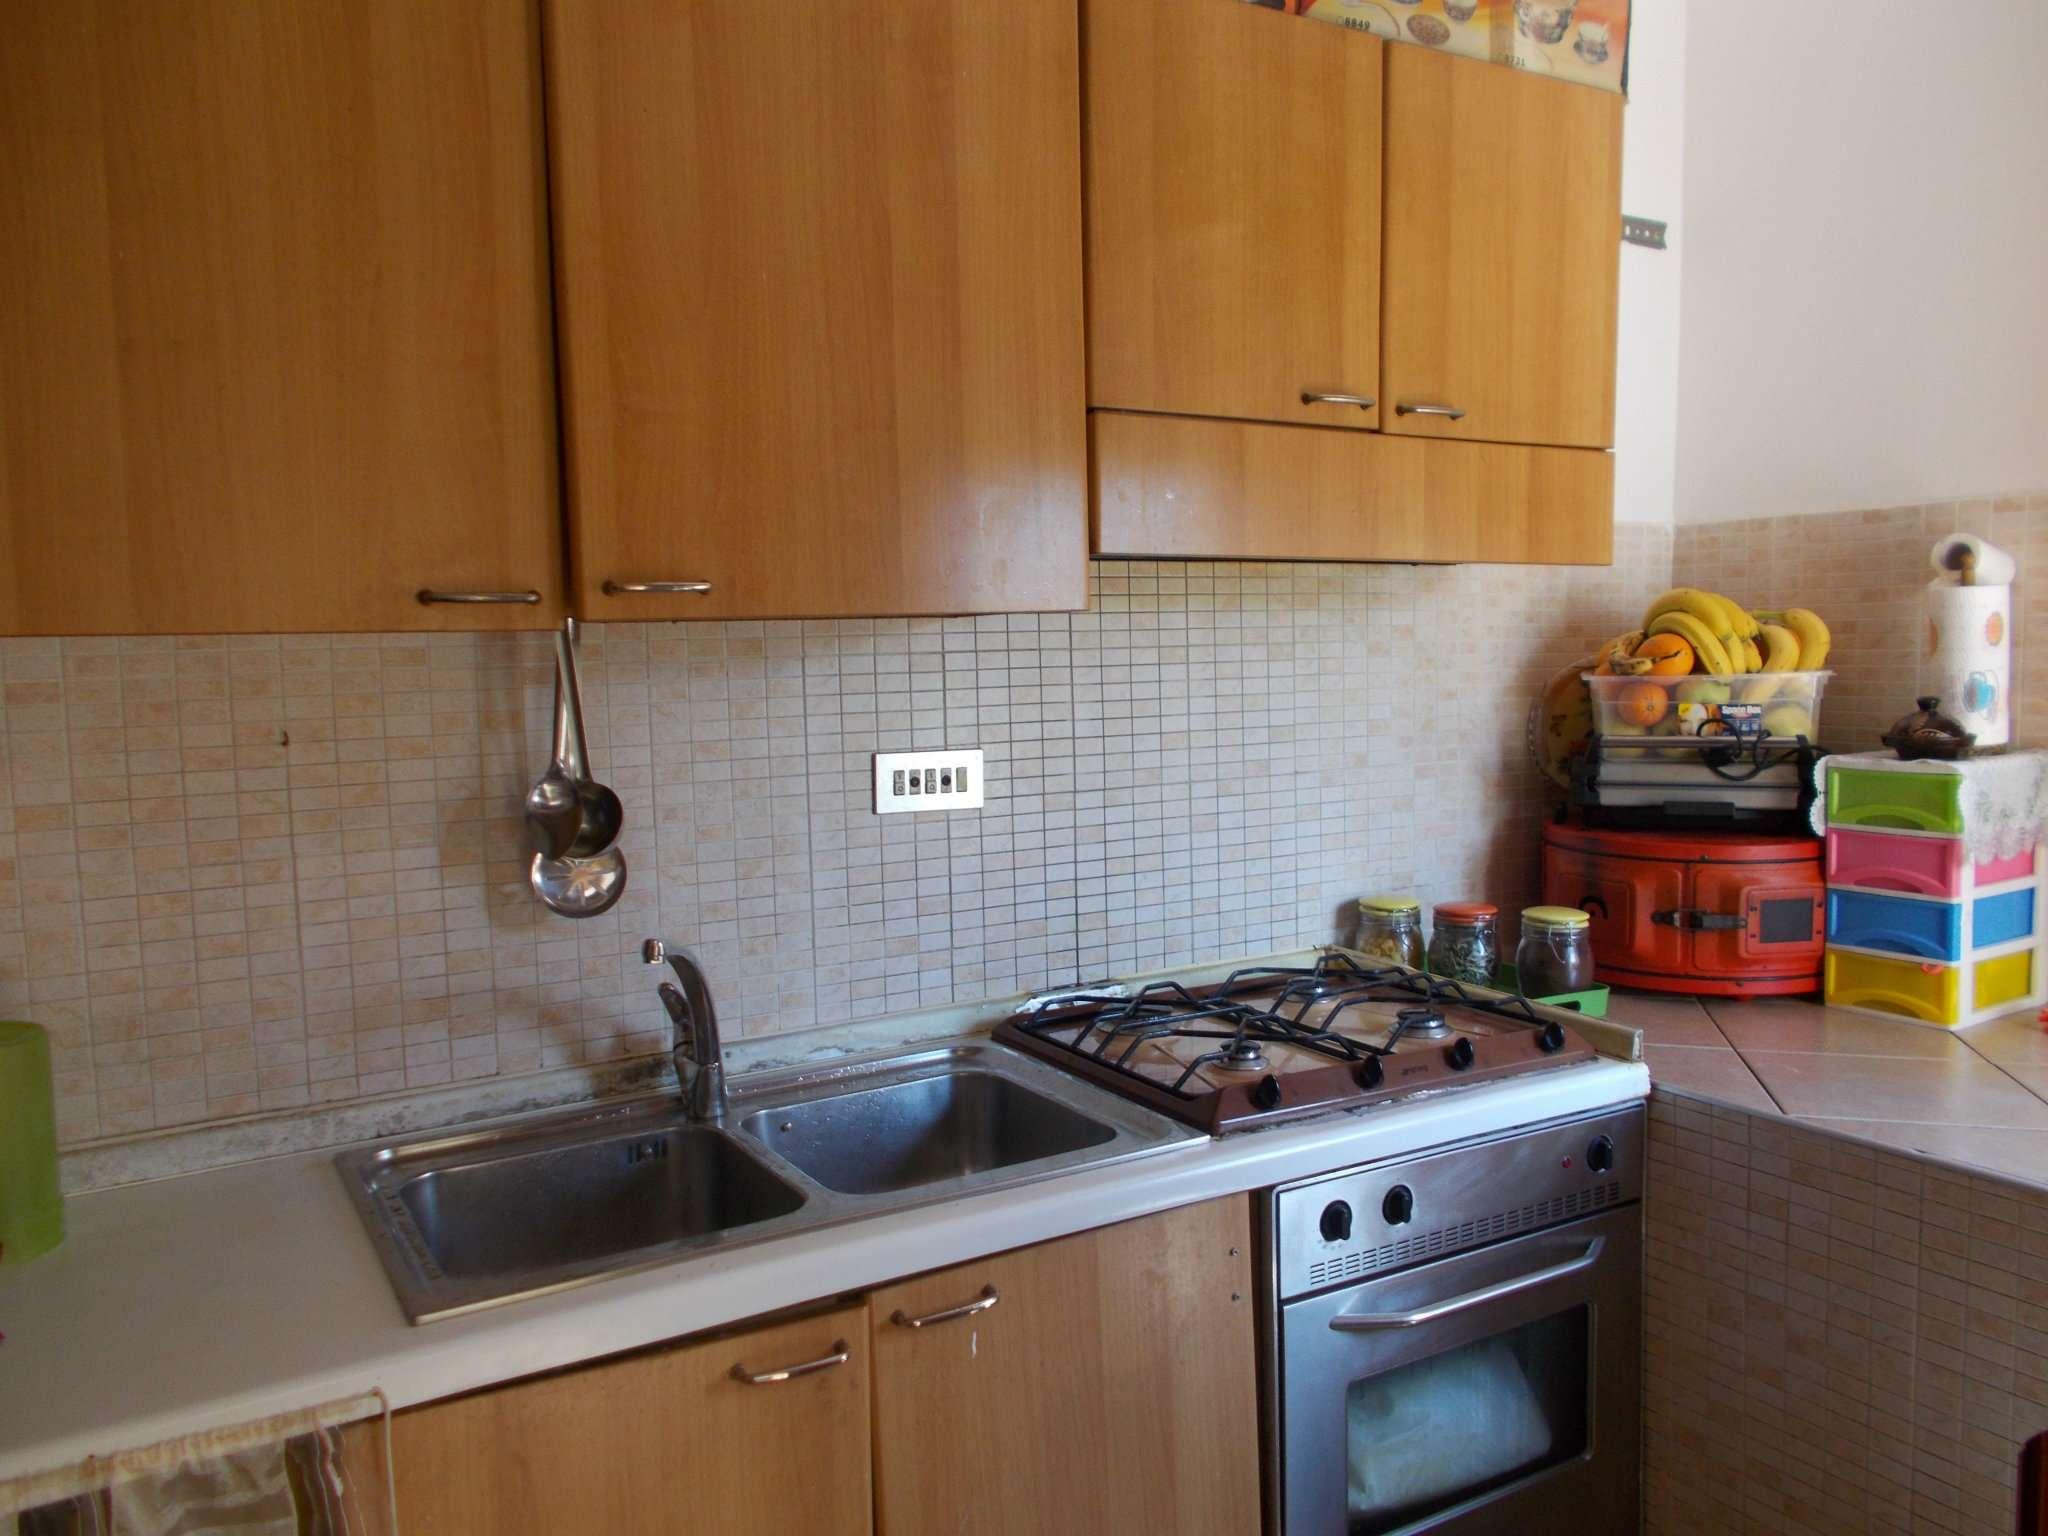 Appartamento in vendita a San Polo d'Enza, 3 locali, prezzo € 65.000 | CambioCasa.it